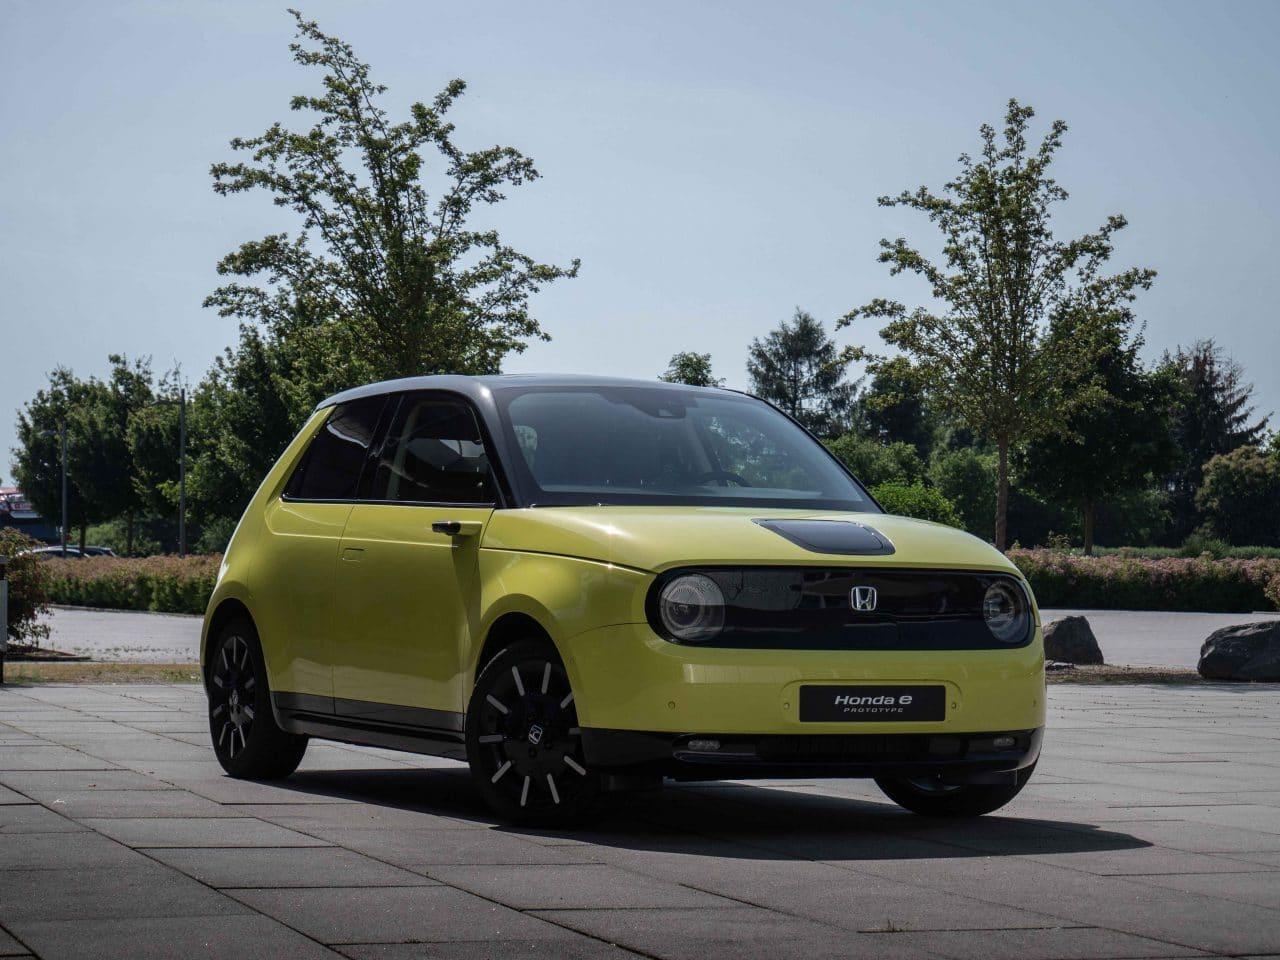 Voitures électriques en 2020 : Honda e